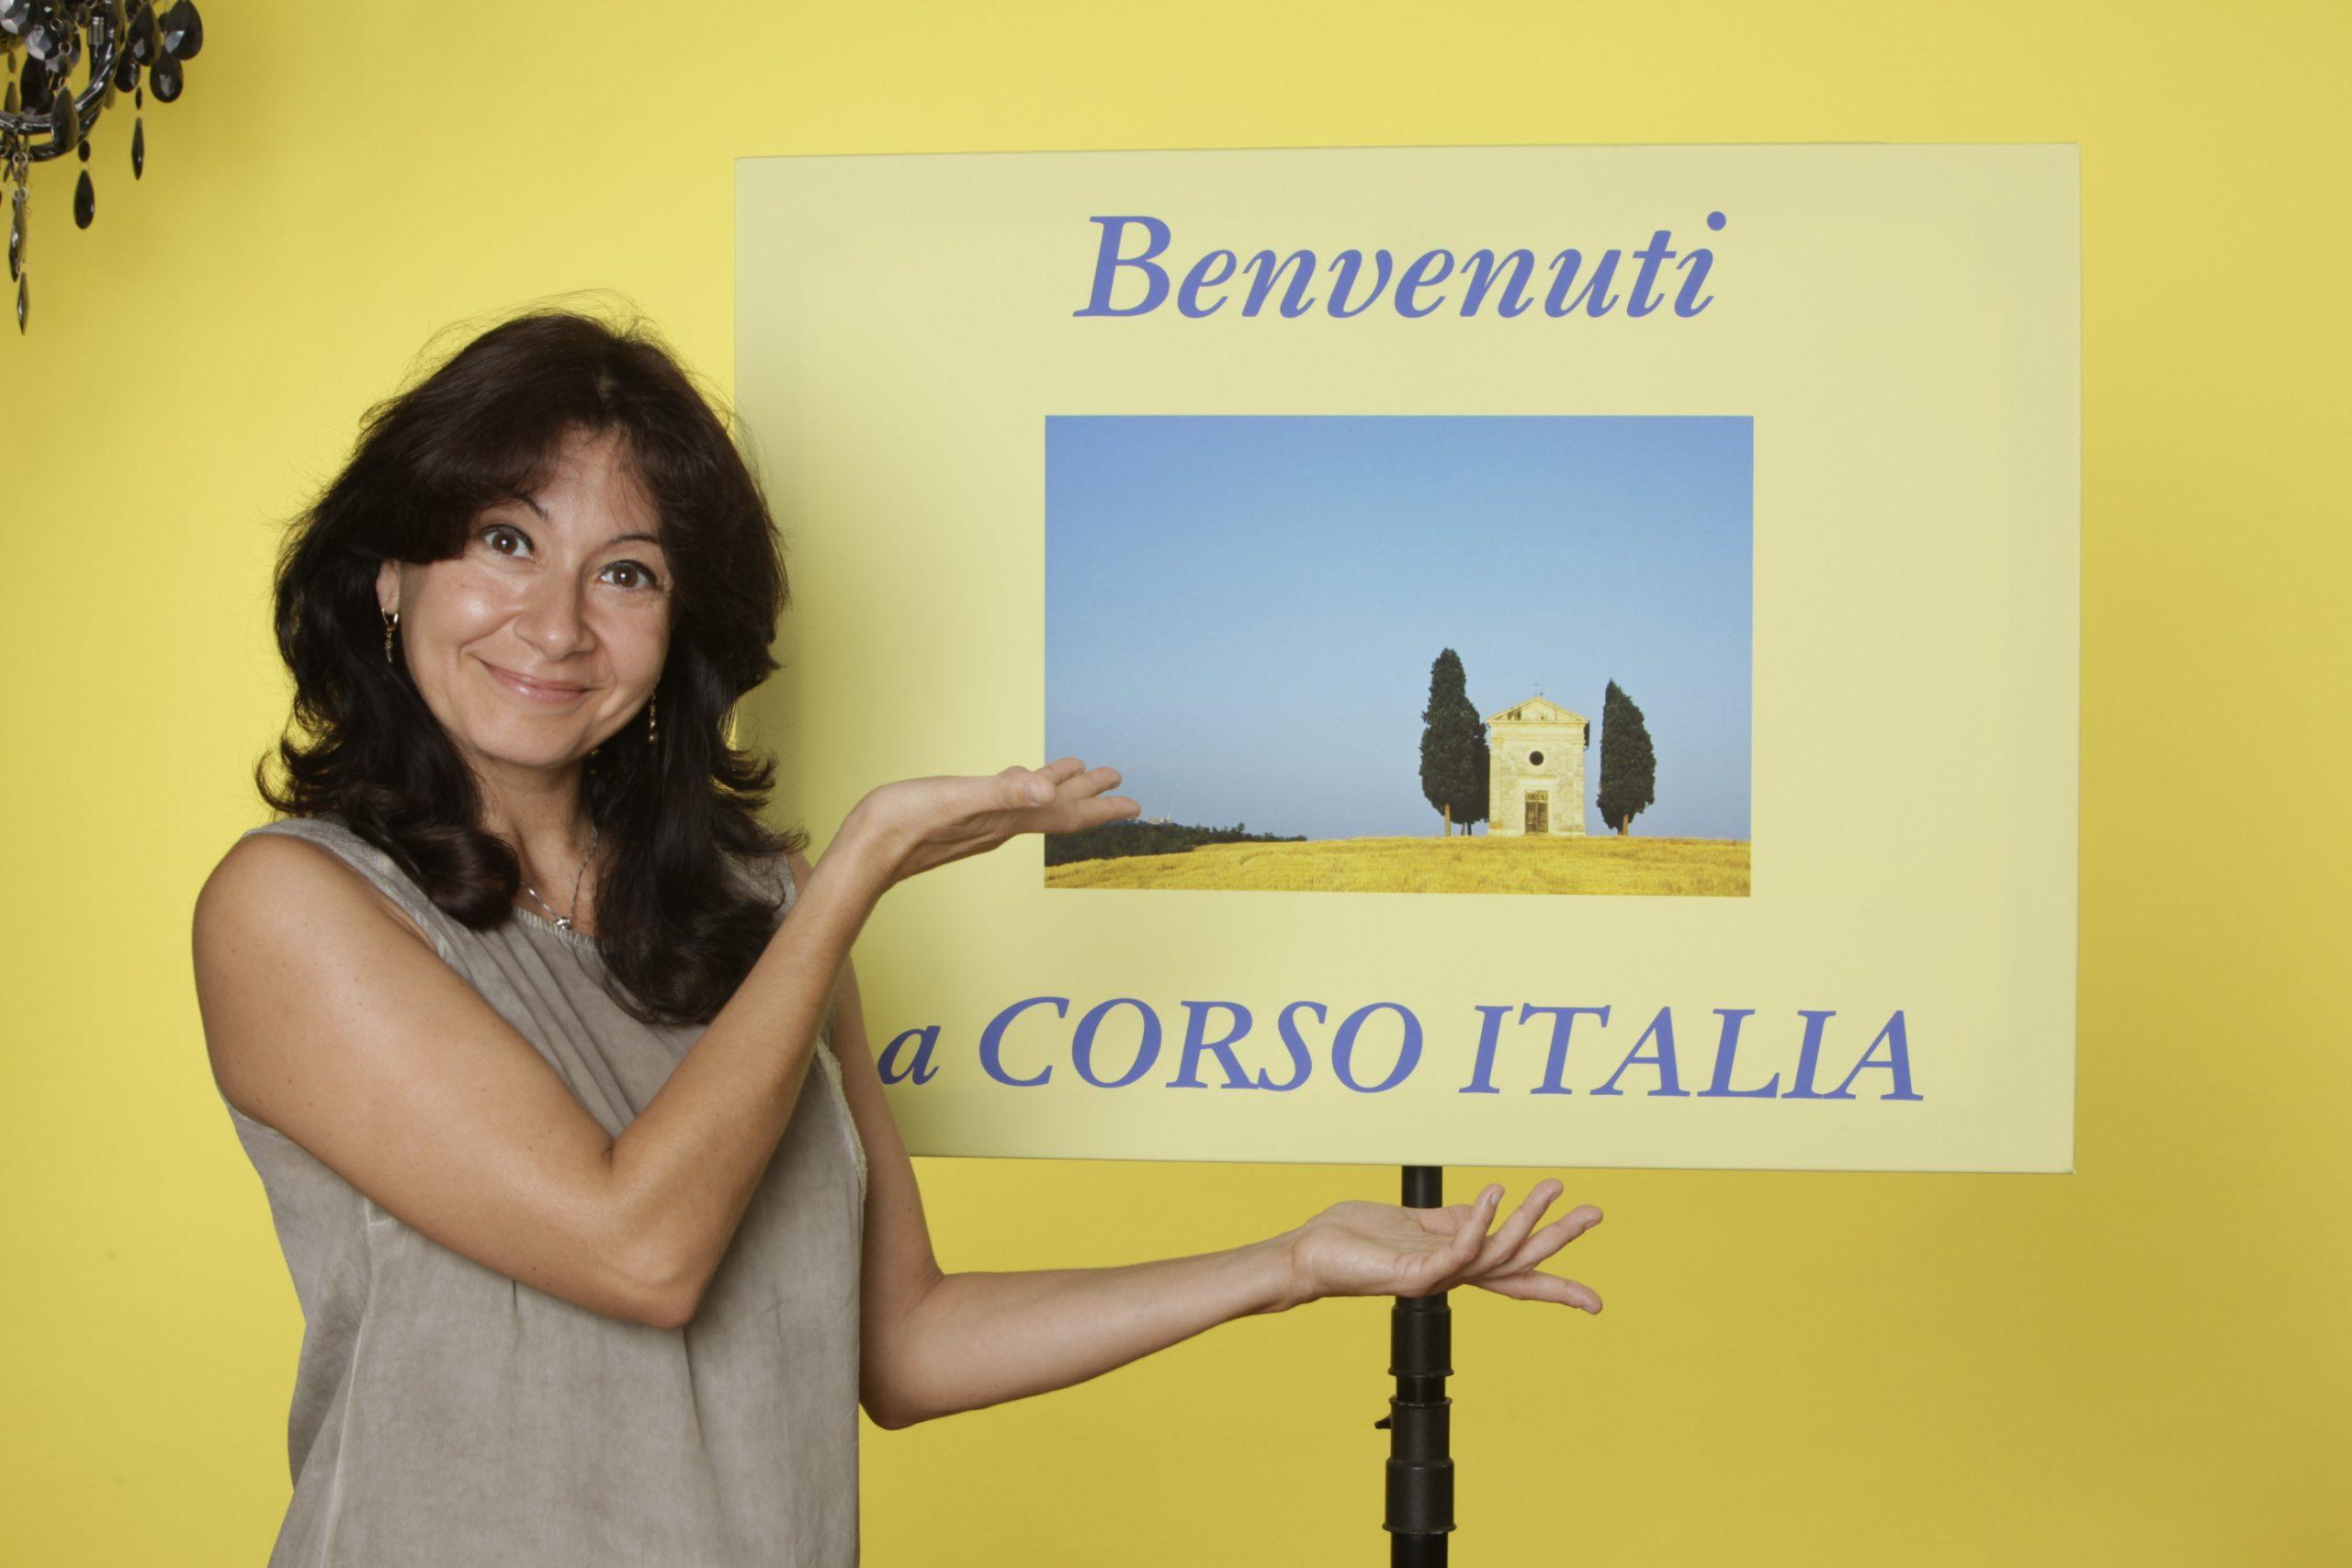 Corso Italia-Italienisch Sprachkurs Düsseldorf | Italienisch Gruppenkurs online